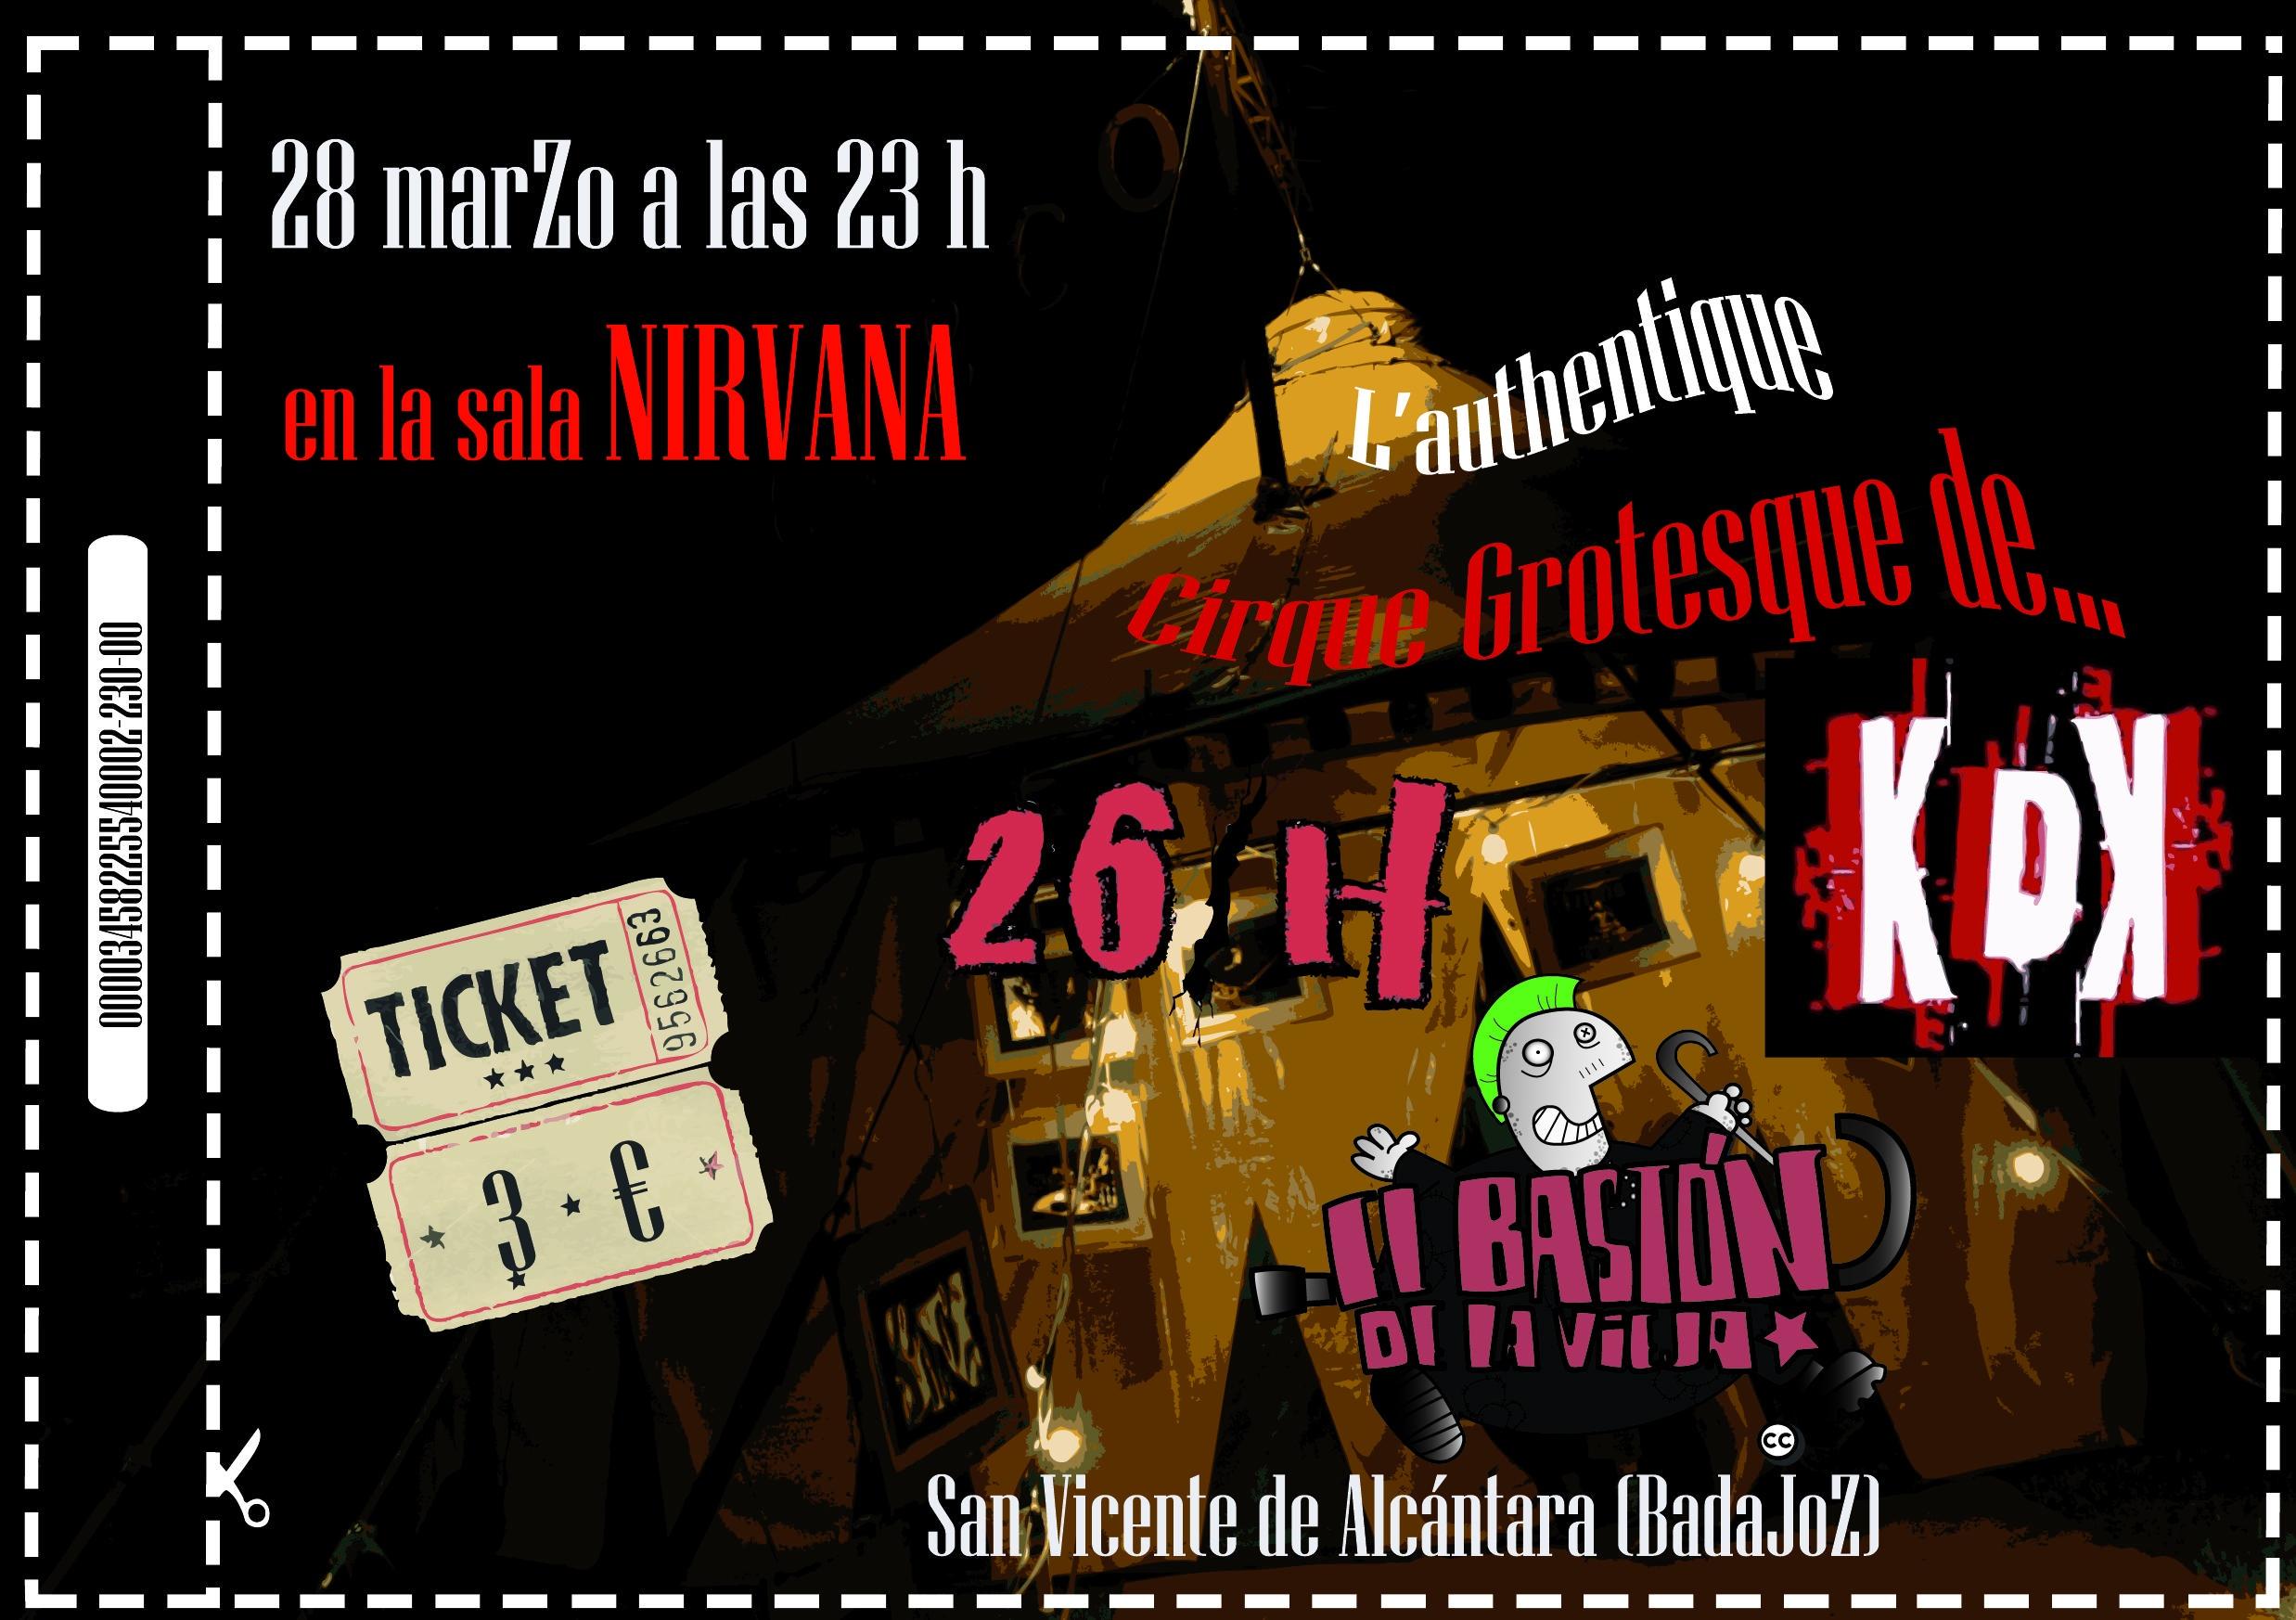 El Baston de la Vieja+Karne de Kañon+26/H